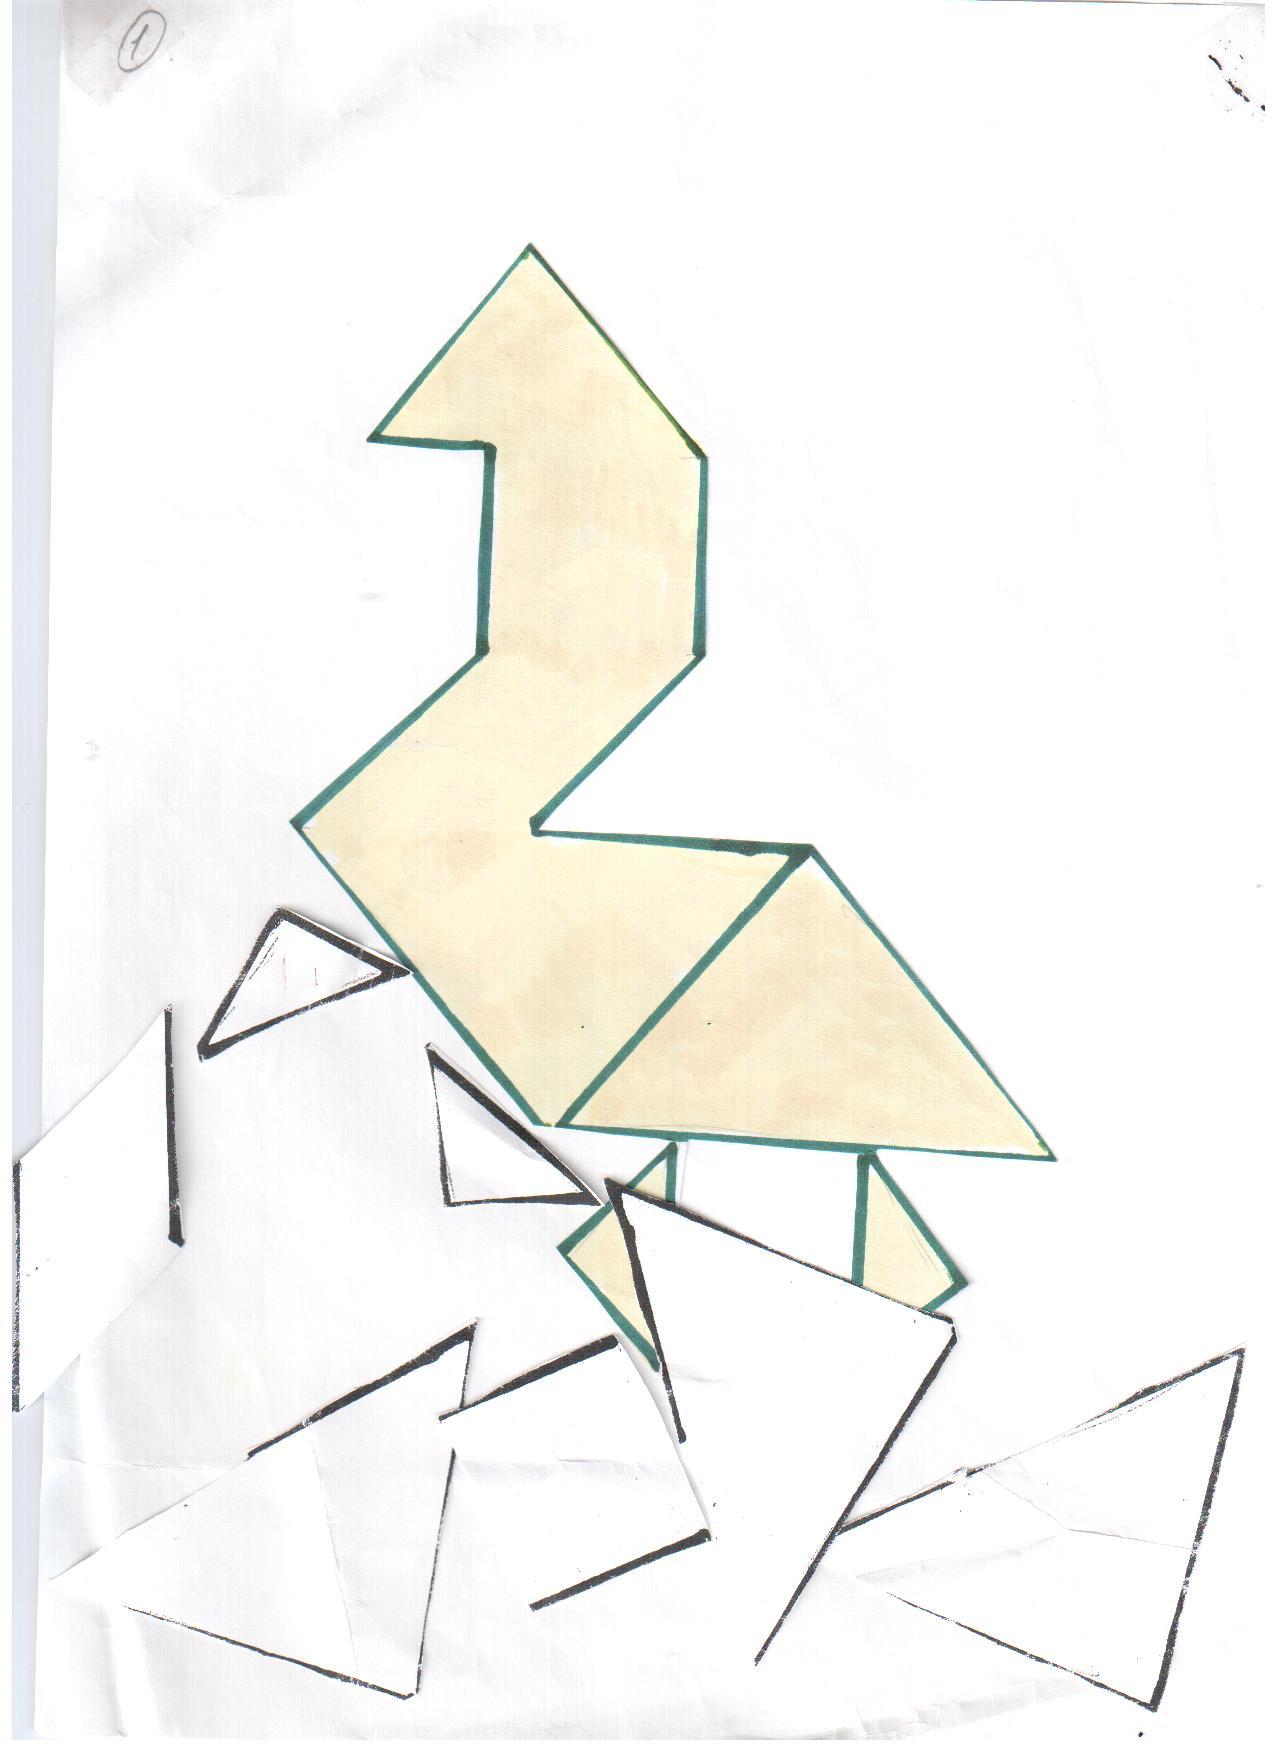 C:\Documents and Settings\Admin\Мои документы\Мои рисунки\Изображение\Изображение 067.jpg